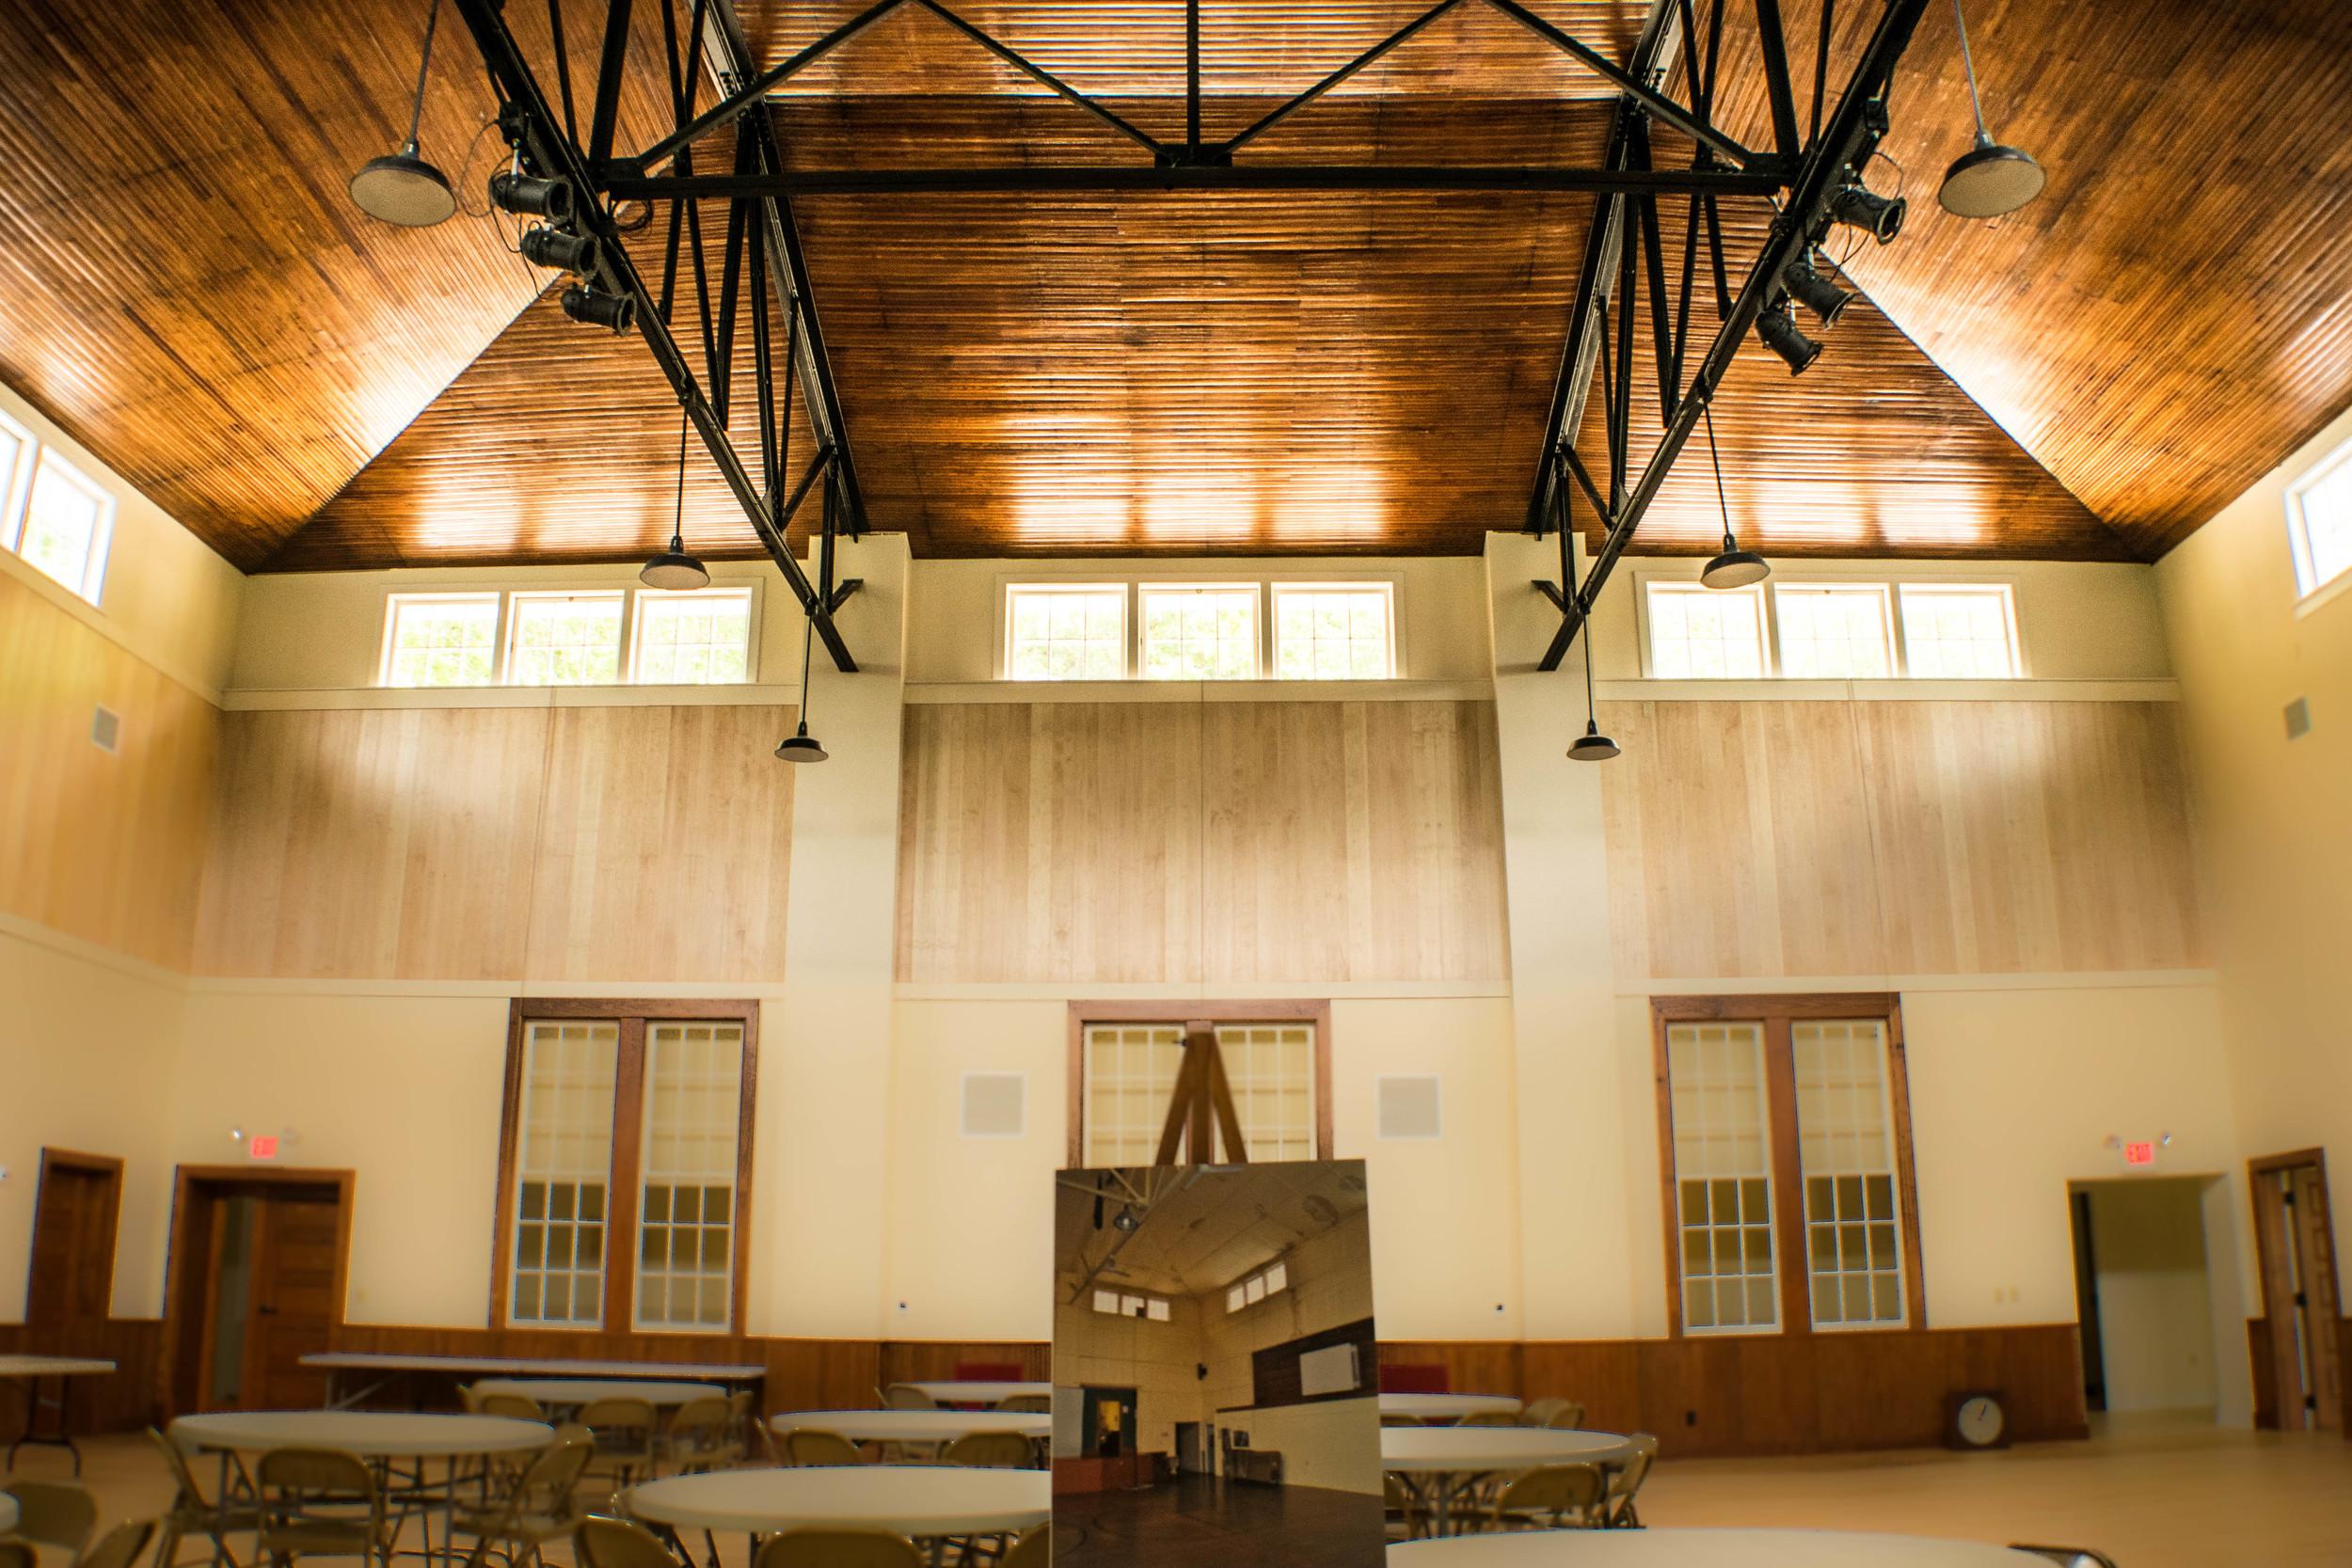 Highland Center (Interior Auditorium)